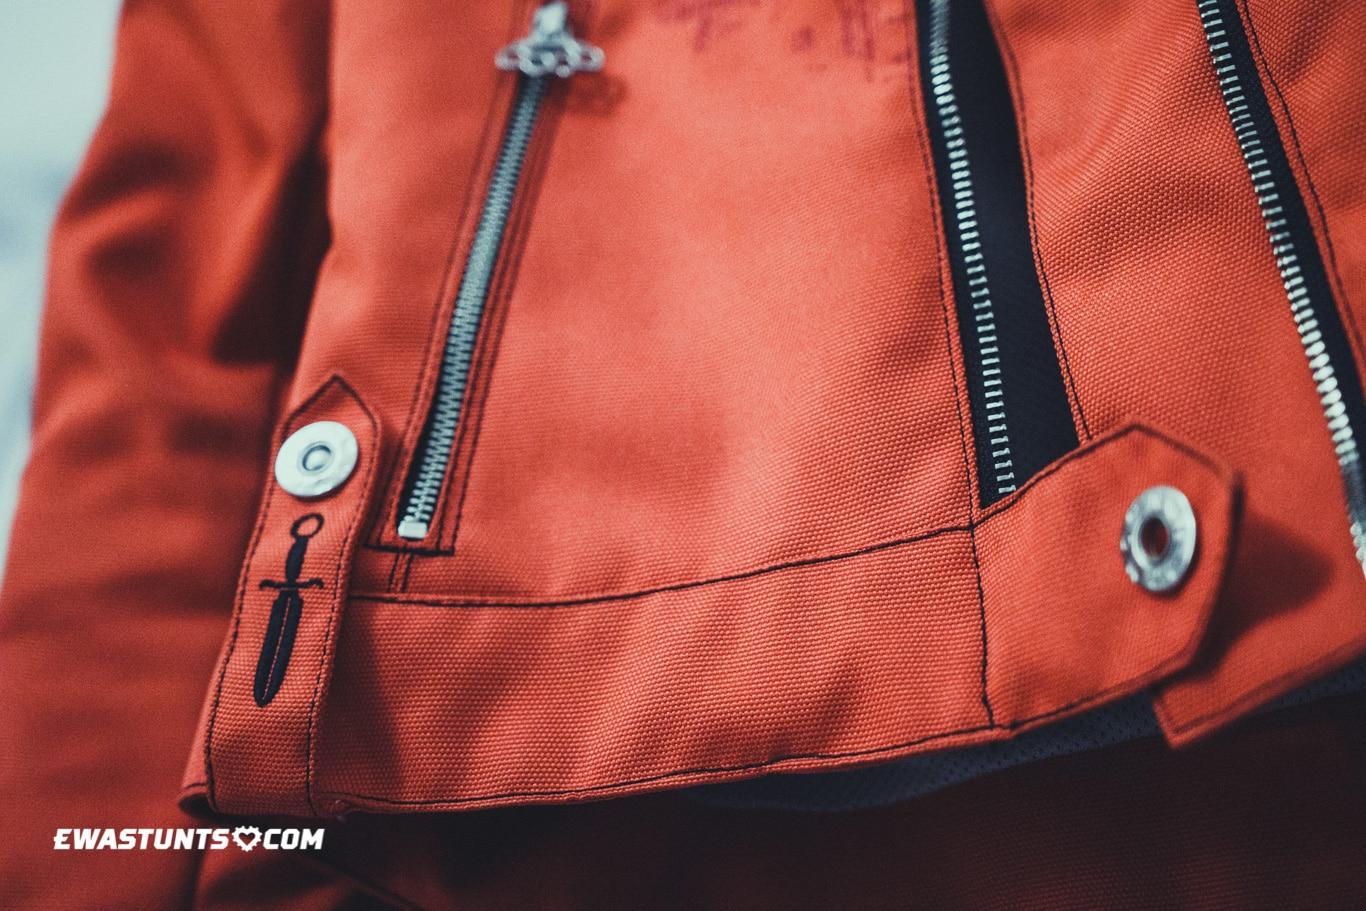 ewastunts_icon_jacket-10